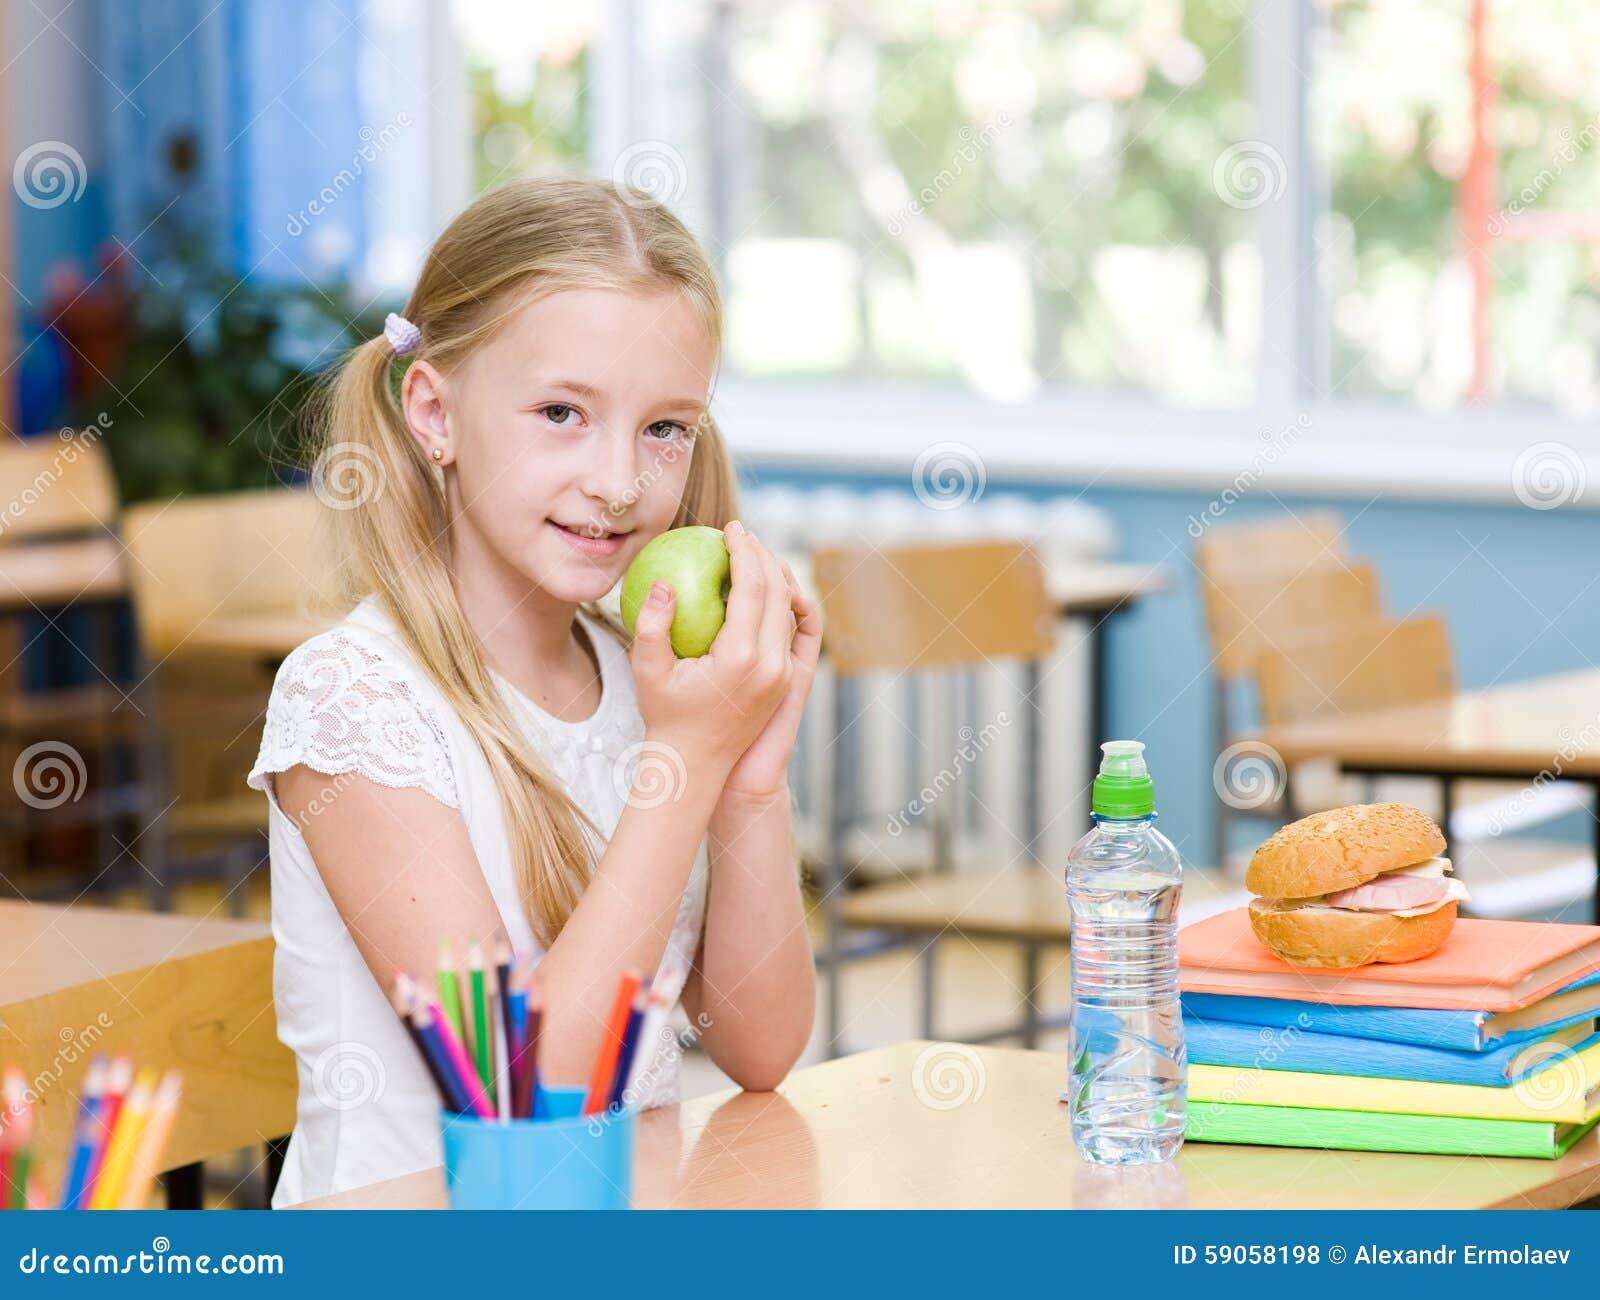 Écolière dans la salle de classe mangeant une pomme verte